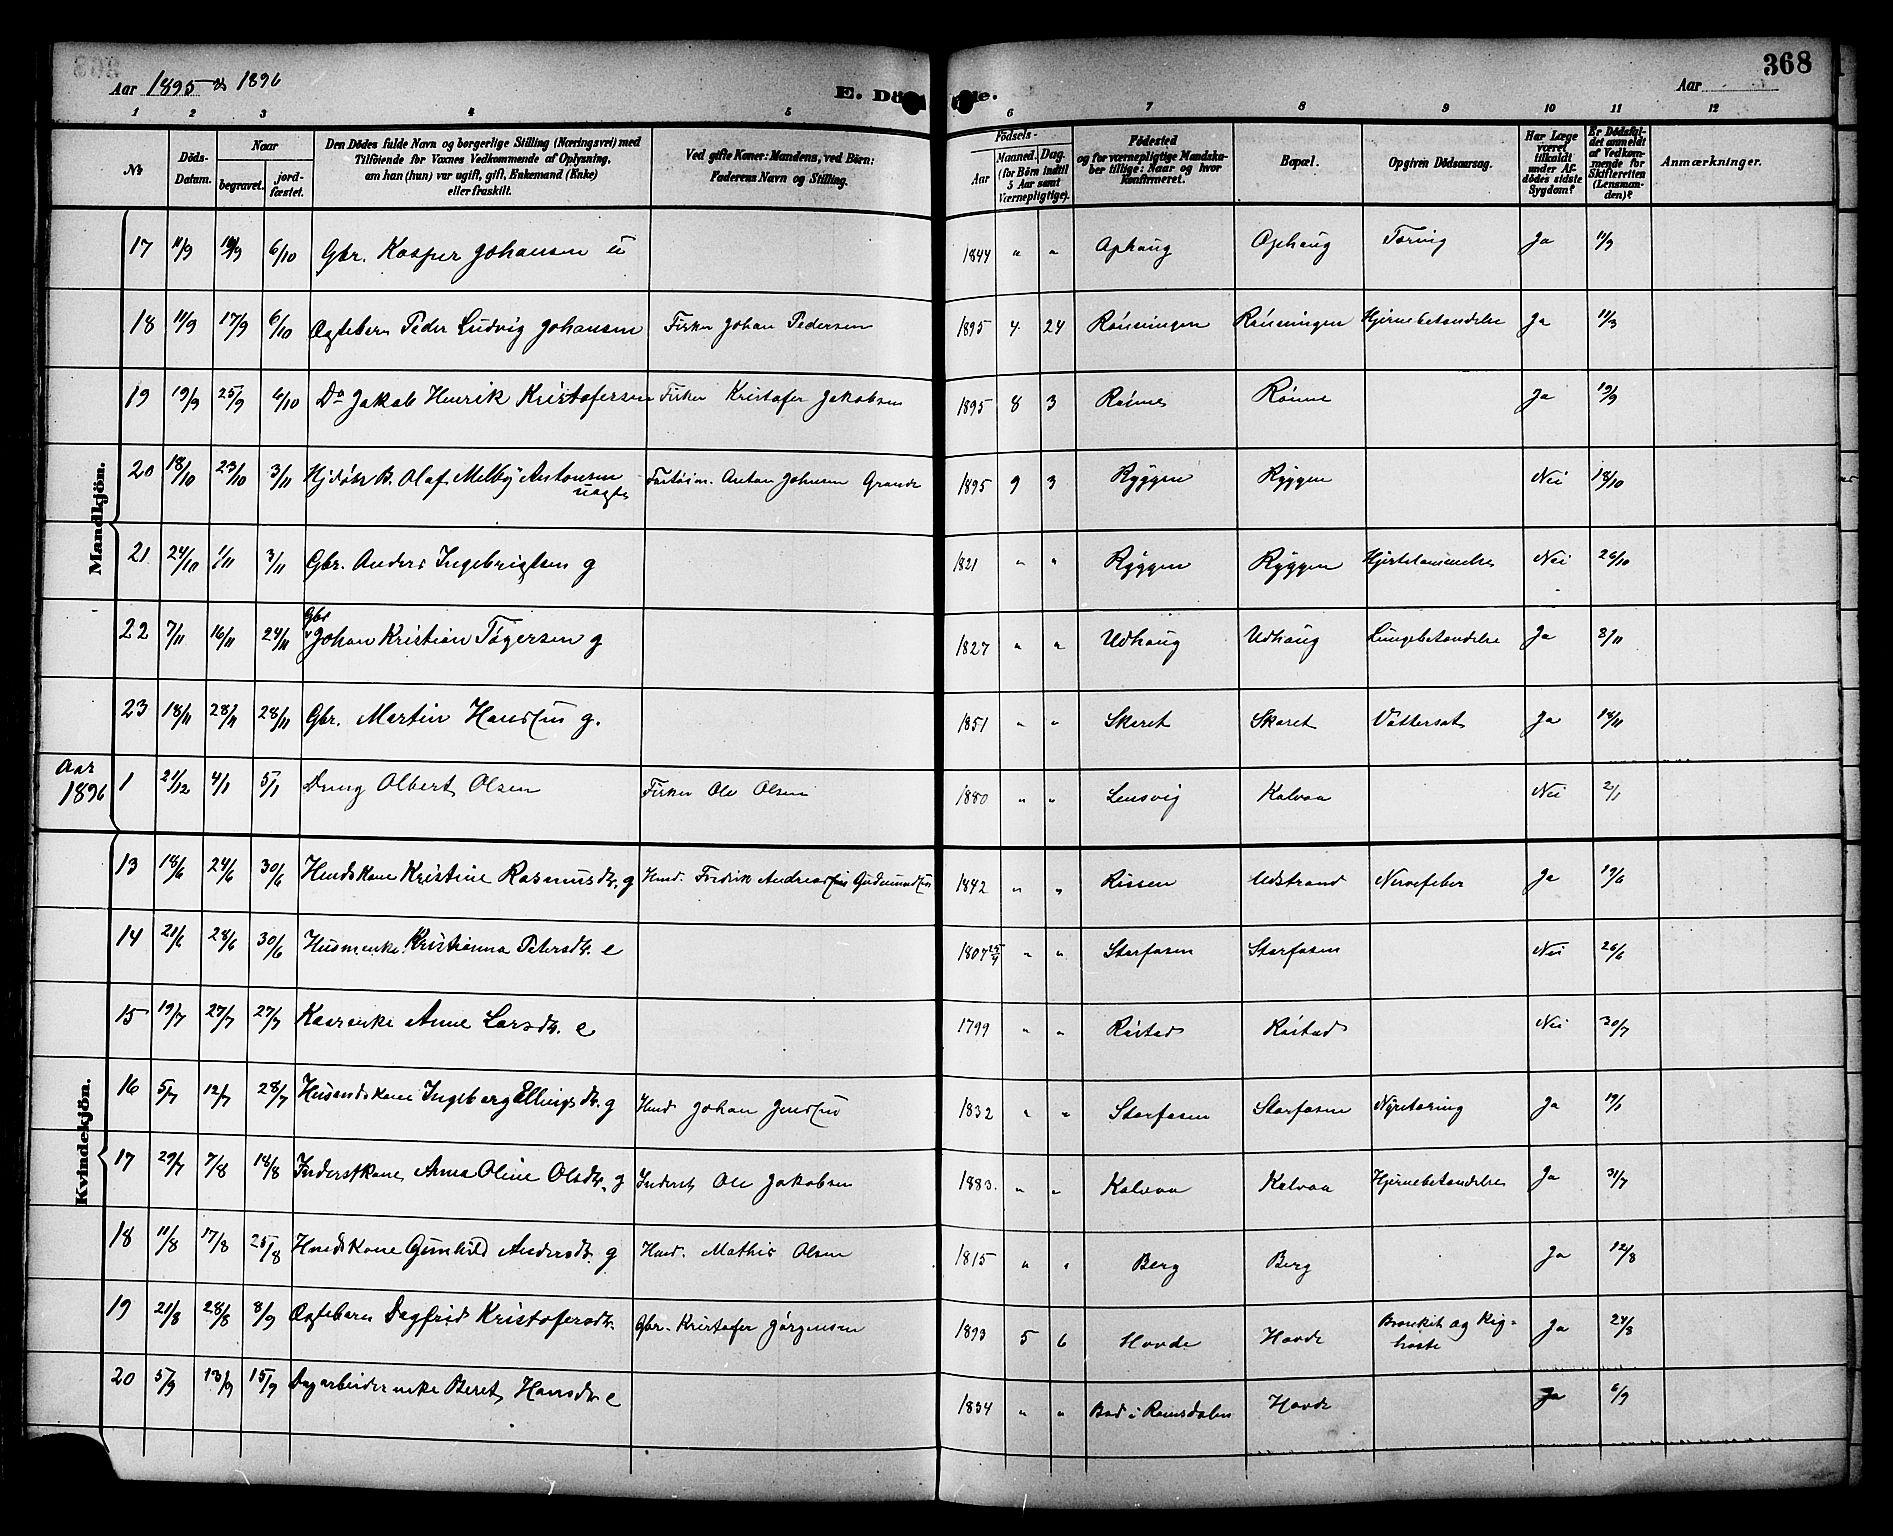 SAT, Ministerialprotokoller, klokkerbøker og fødselsregistre - Sør-Trøndelag, 659/L0746: Klokkerbok nr. 659C03, 1893-1912, s. 368